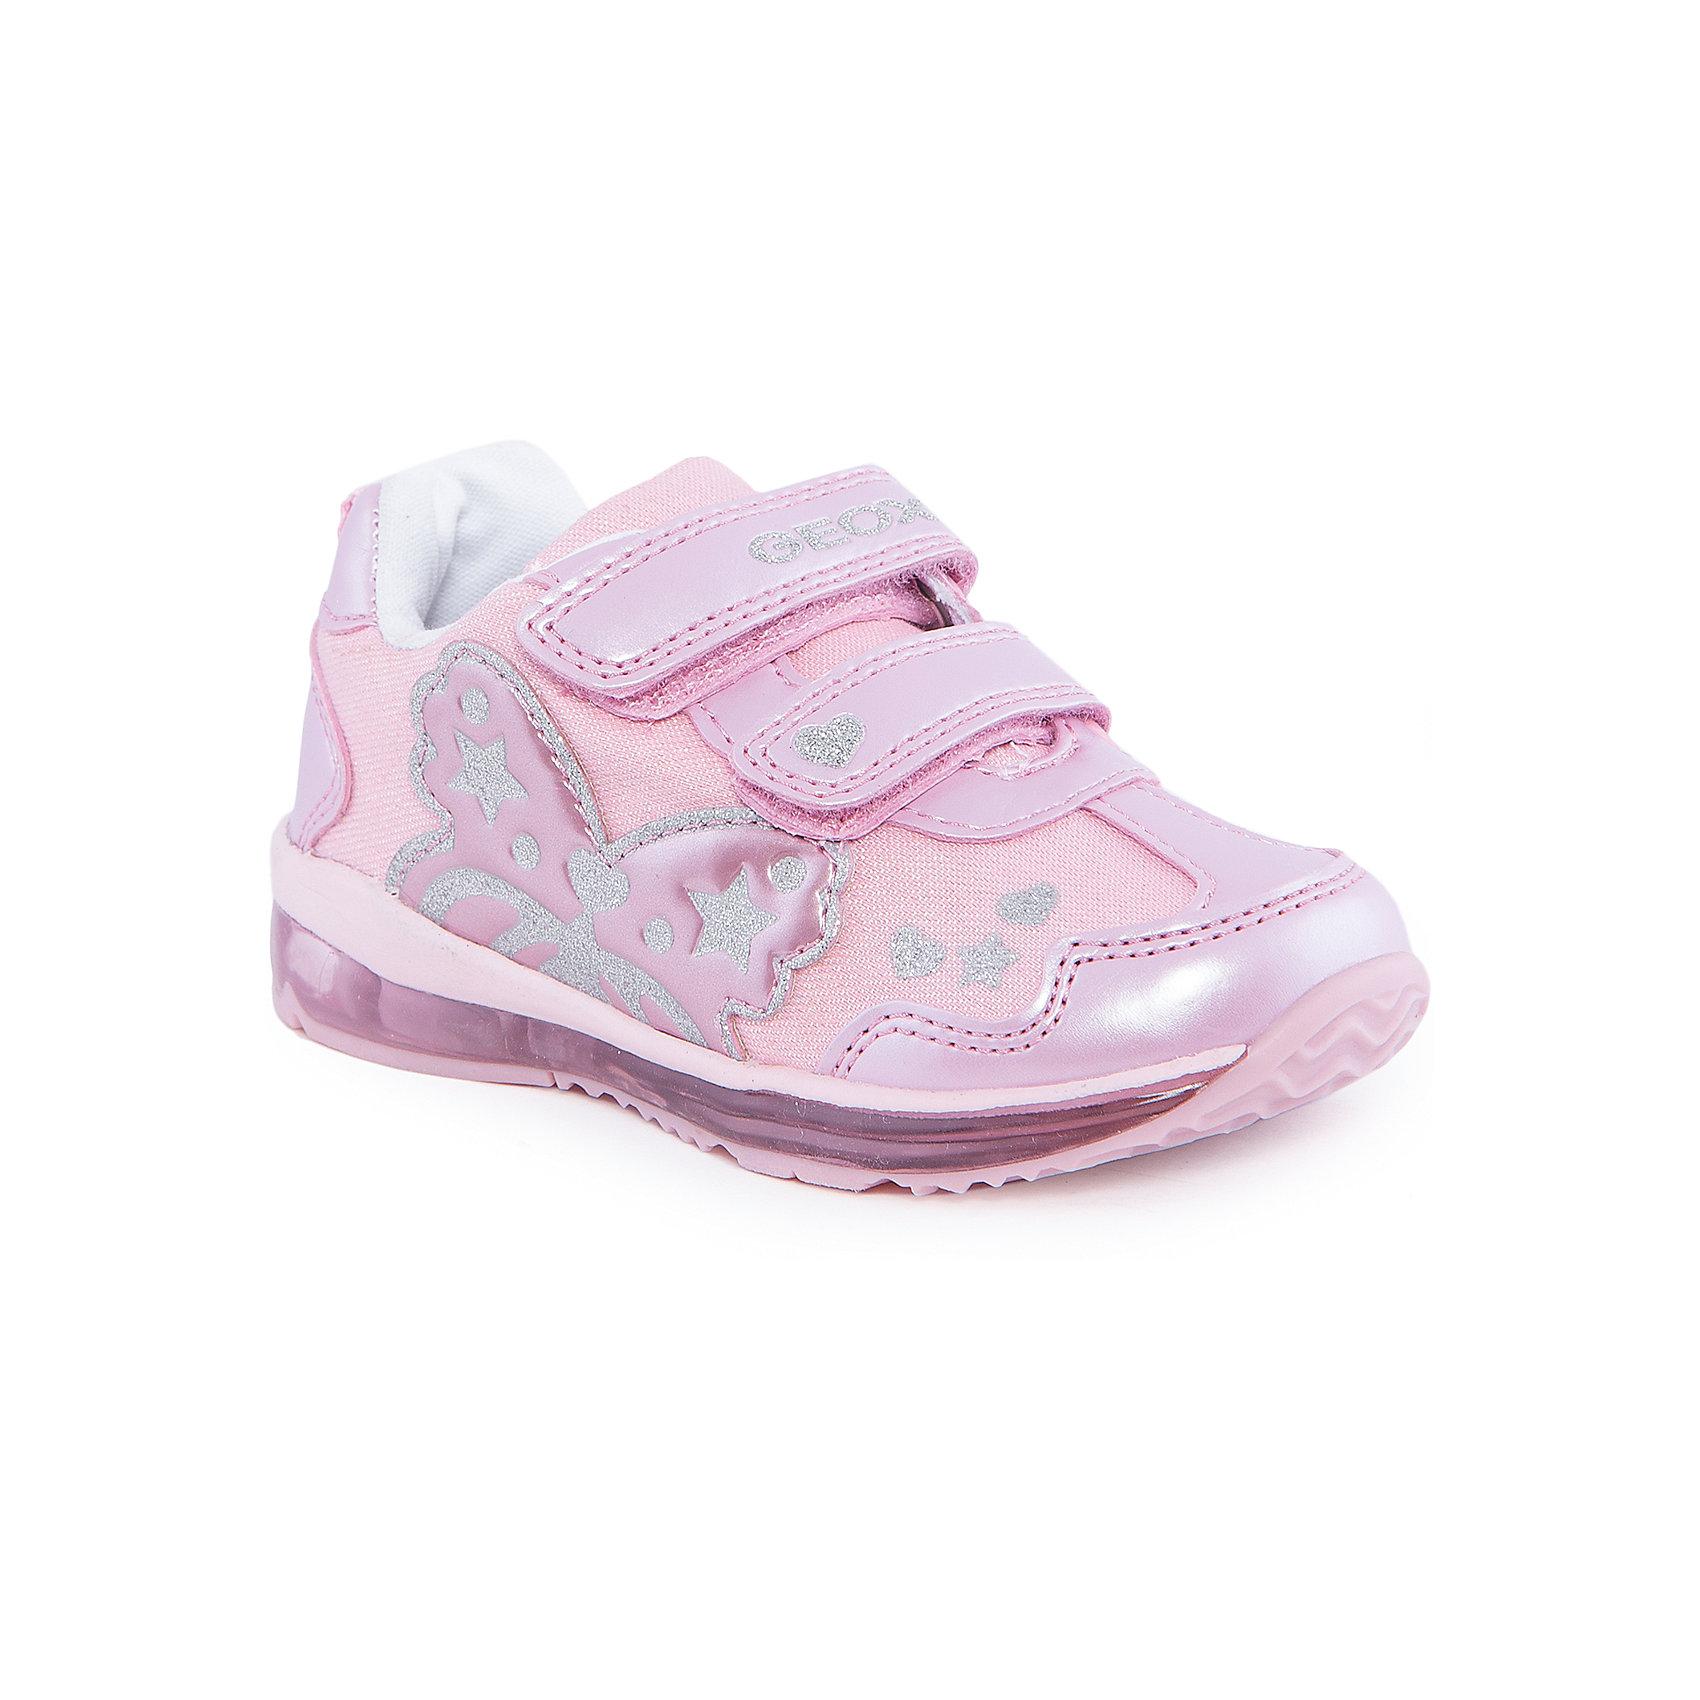 Кроссовки для девочки GEOXКроссовки<br>Кроссовки для девочки от популярной марки GEOX (Геокс).<br><br>Нарядные дышащие кроссовки разнообразят гардероб ребенка в новом сезоне! Эта модель создана специально для девочек, она очень стильно и оригинально смотрится.<br>Производитель обуви заботится не только о внешнем виде, но и стабильно высоком качестве продукции. GEOX (Геокс) разработал специальную высокотехнологичную стельку. Вся обувь делается только из качественных и надежных материалов.<br><br>Отличительные особенности модели:<br><br>- цвет: розовый;<br>- декорирована блестящим принтом;<br>- прочная устойчивая подошва;<br>- мягкий и легкий верх;<br>- защита пальцев и пятки;<br>- стильный дизайн;<br>- анатомическая стелька;<br>- удобные застежки - липучки;<br>- комфортное облегание;<br>- подкладка - натуральная кожа;<br>- дышащие материалы (технология Geox Respira).<br><br>Дополнительная информация:<br><br>- Сезон: весна/лето.<br><br>- Состав:<br><br>материал верха: искусственная кожа;<br>подкладка: натуральная кожа, текстиль;<br>стелька: натуральная кожа;<br>подошва: полимер.<br><br>Кроссовки для девочки GEOX (Геокс) можно купить в нашем магазине.<br><br>Ширина мм: 250<br>Глубина мм: 150<br>Высота мм: 150<br>Вес г: 250<br>Цвет: розовый<br>Возраст от месяцев: 24<br>Возраст до месяцев: 24<br>Пол: Женский<br>Возраст: Детский<br>Размер: 25,23,24,26,27<br>SKU: 4518934